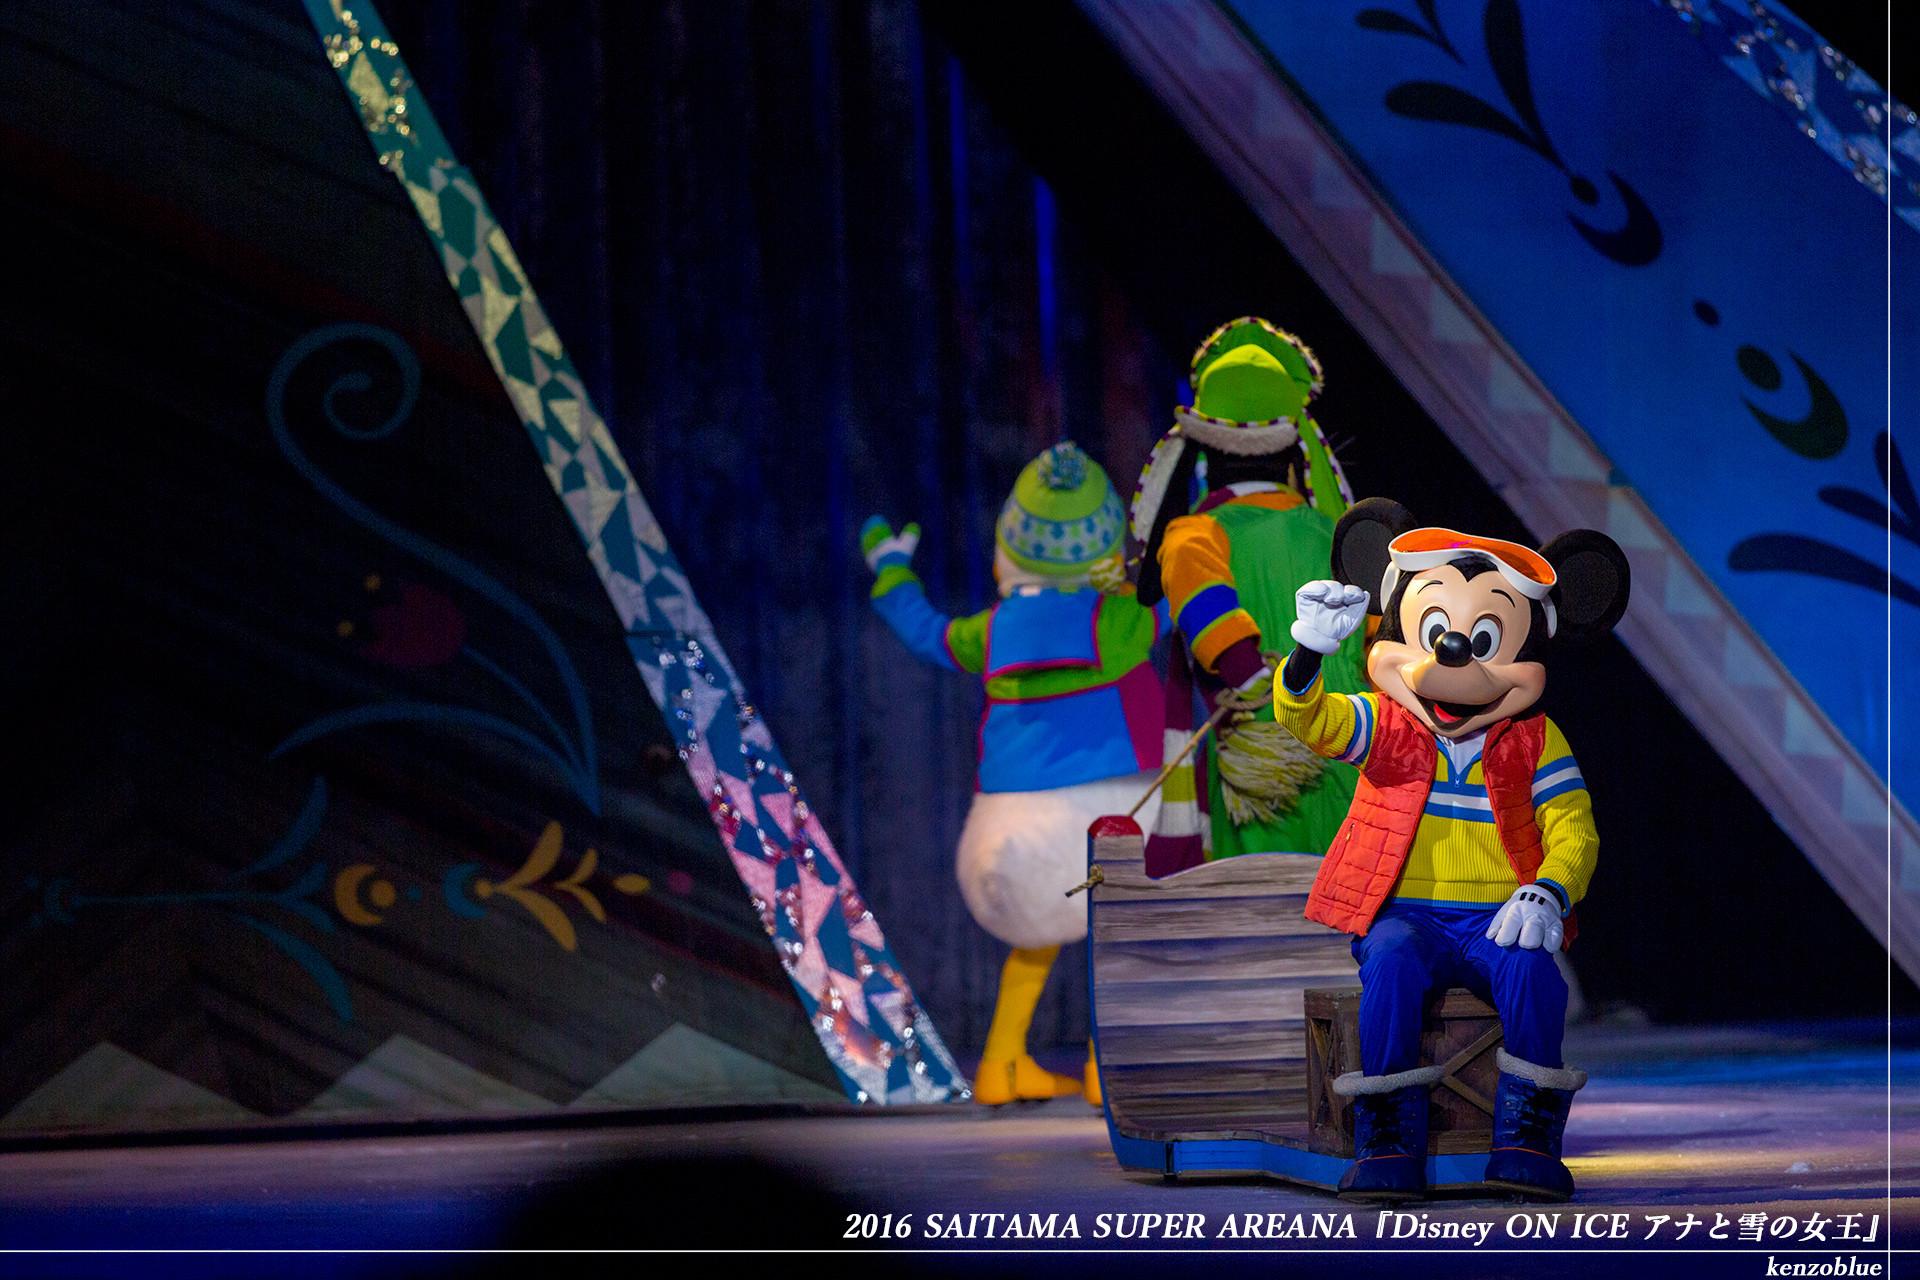 Disney-ON-ICE『2016-アナと雪の女王』022